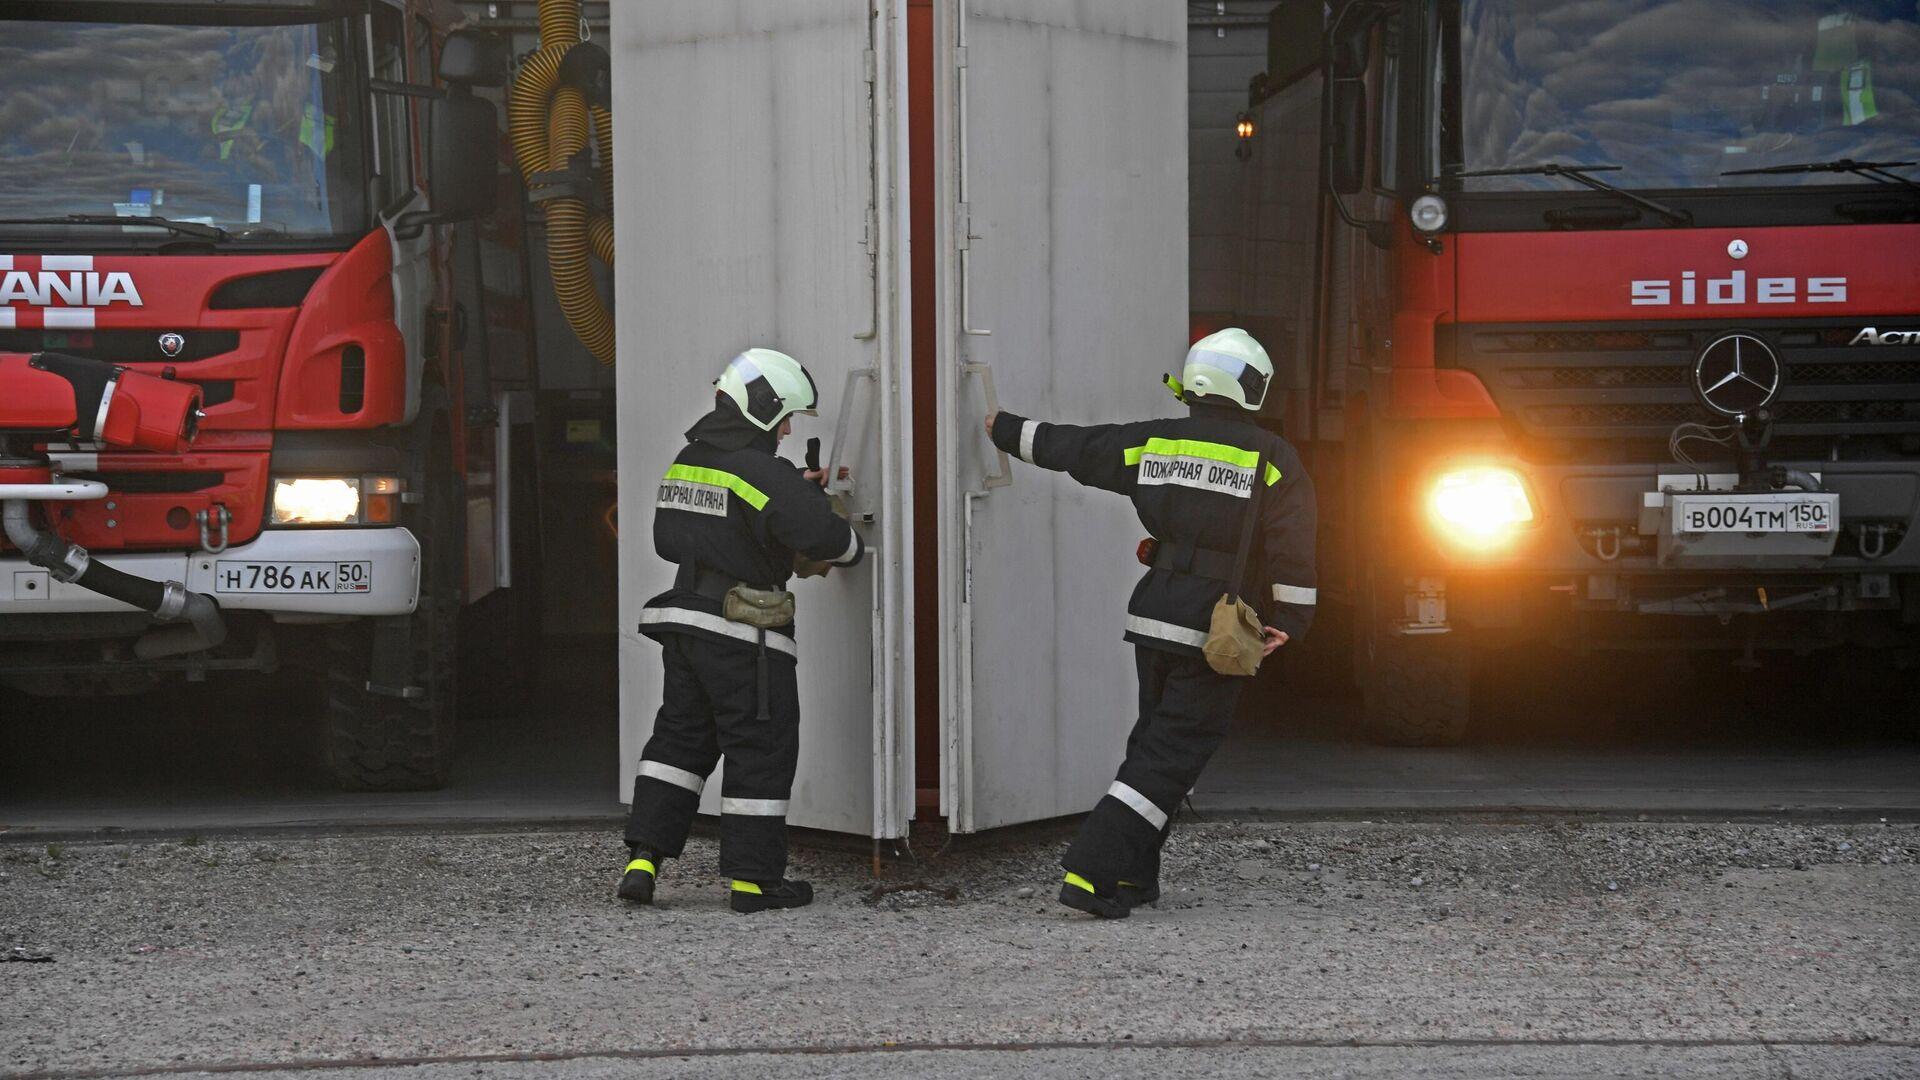 Сотрудники пожарной службы выезжают на место чрезвычайной ситуации - РИА Новости, 1920, 07.12.2020